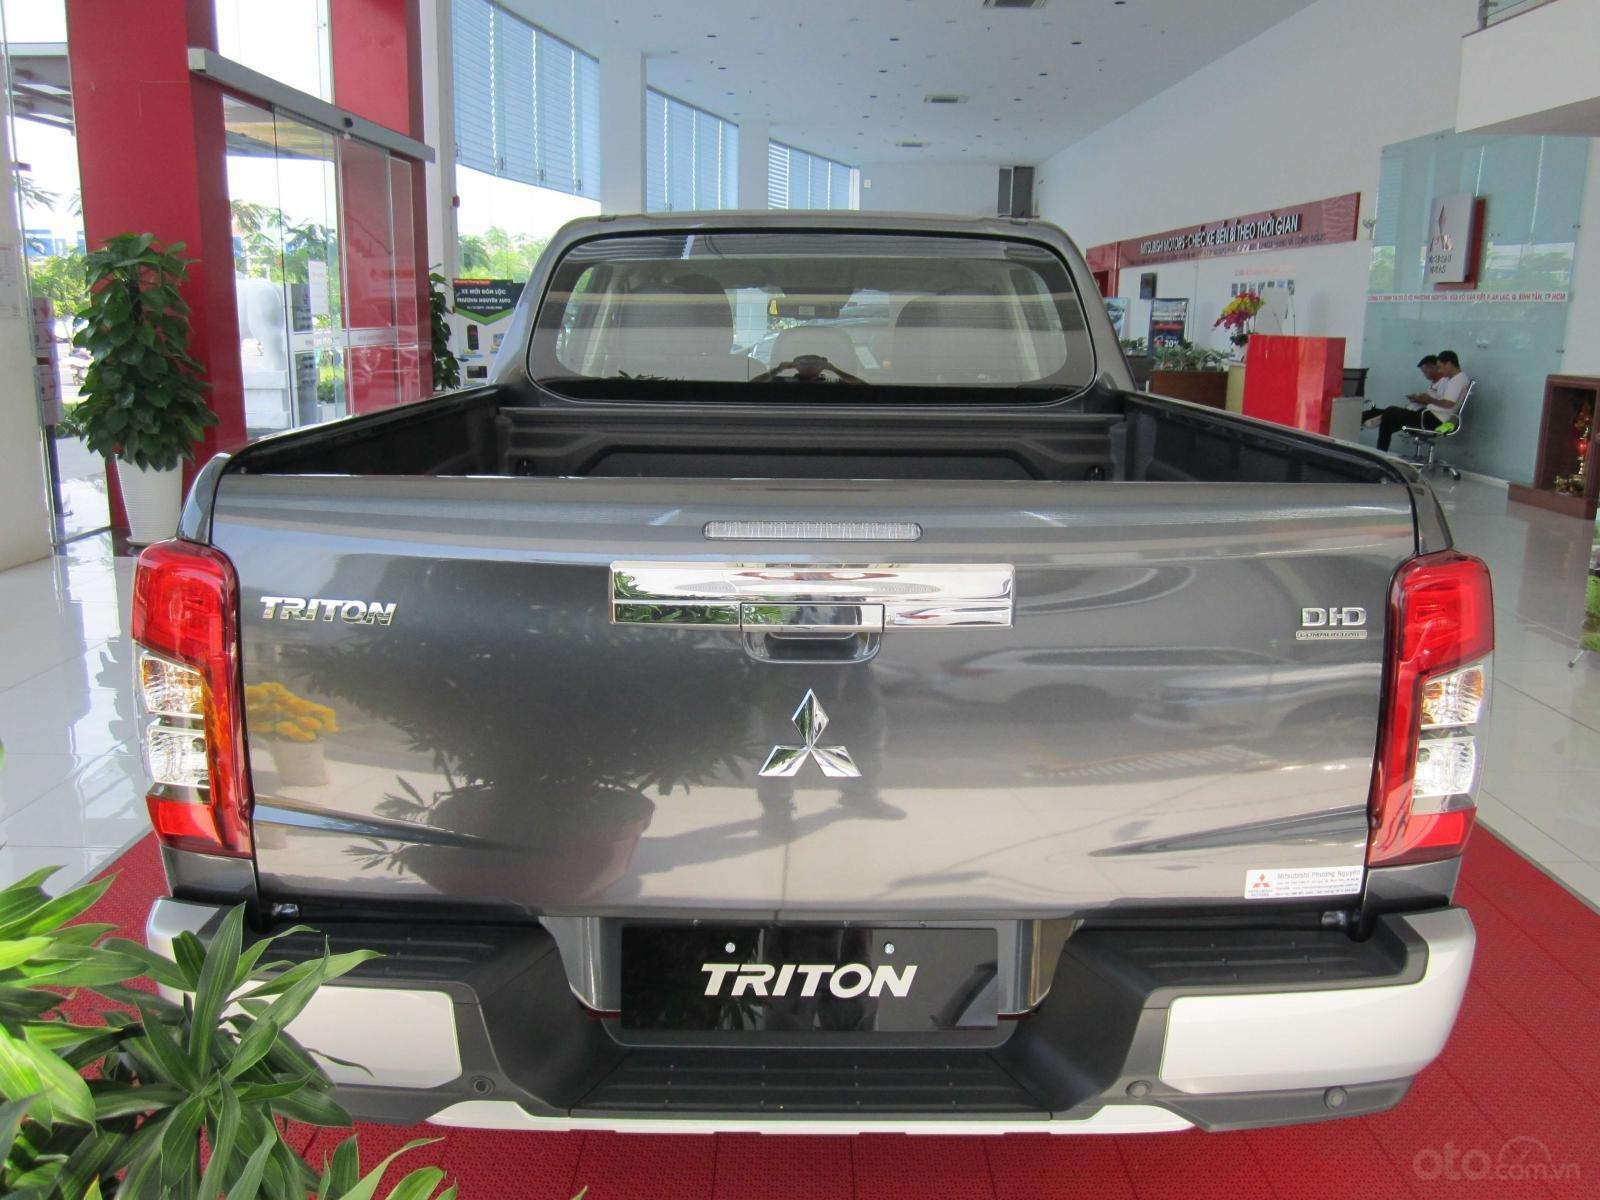 Bán nhanh Mitsubishi Triton 2020. Ưu đãi lớn (1)